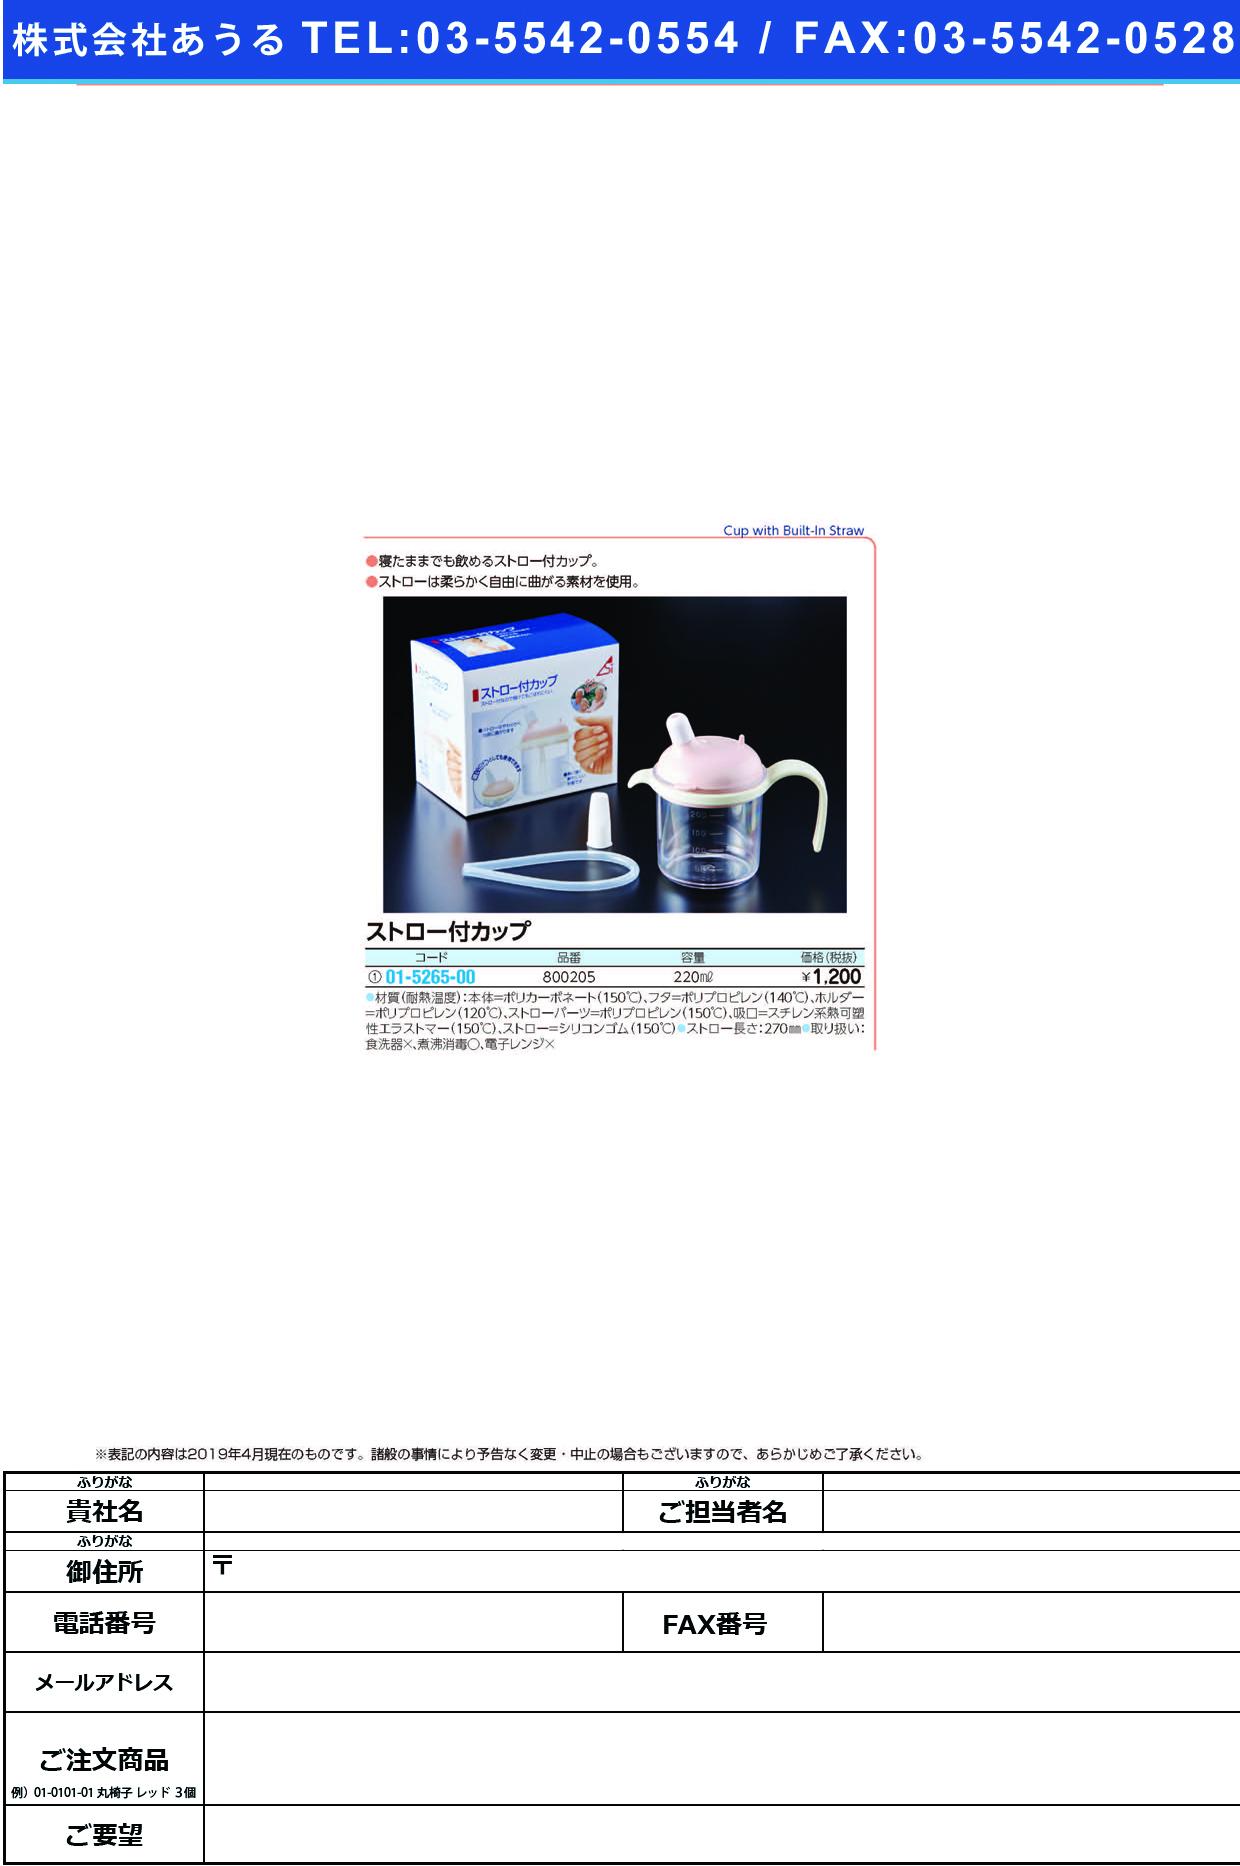 (01-5265-00)ストロー付カップ 220ML ストローツキカップ【1個単位】【2019年カタログ商品】